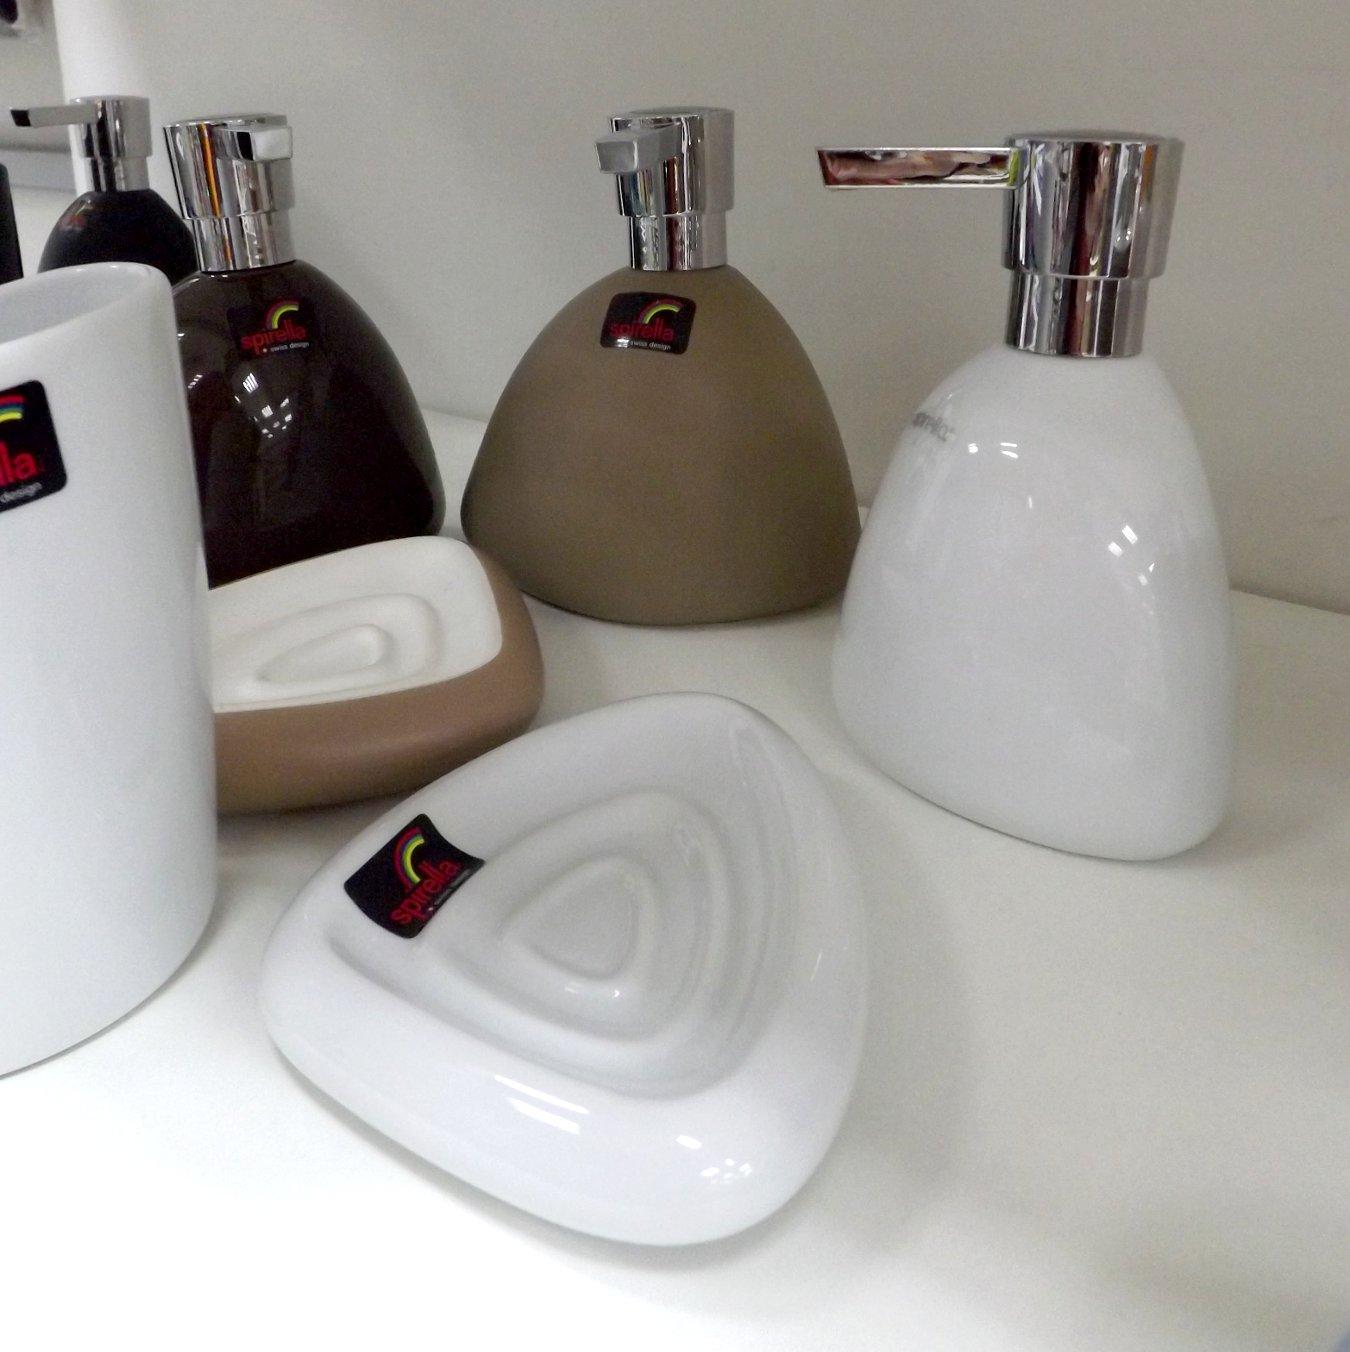 Аксессуары швейцарской фирмы Spirella из ассортимента 2015 года: дозаторы для мыла, мыльницы и стакан для щёток